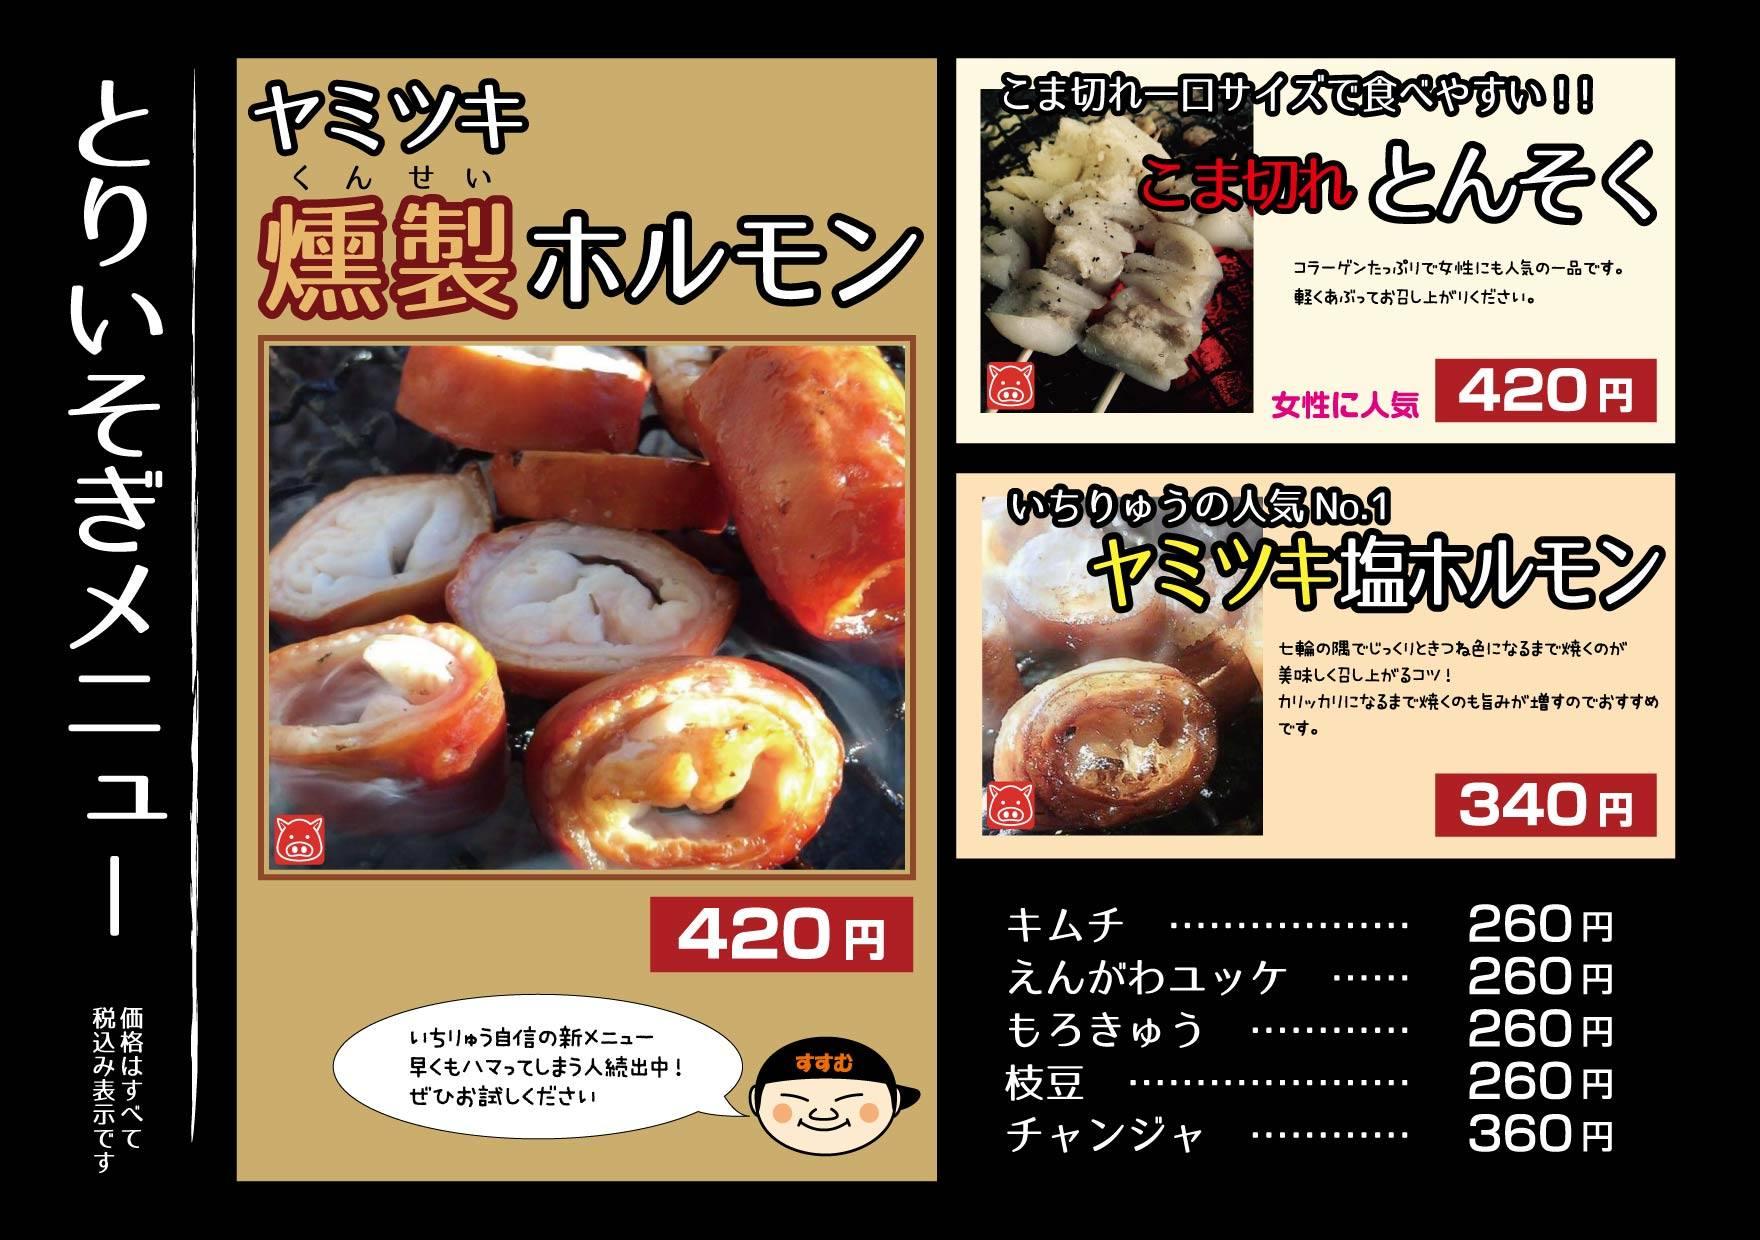 燻製ホルモン-宮崎 いちりゅう